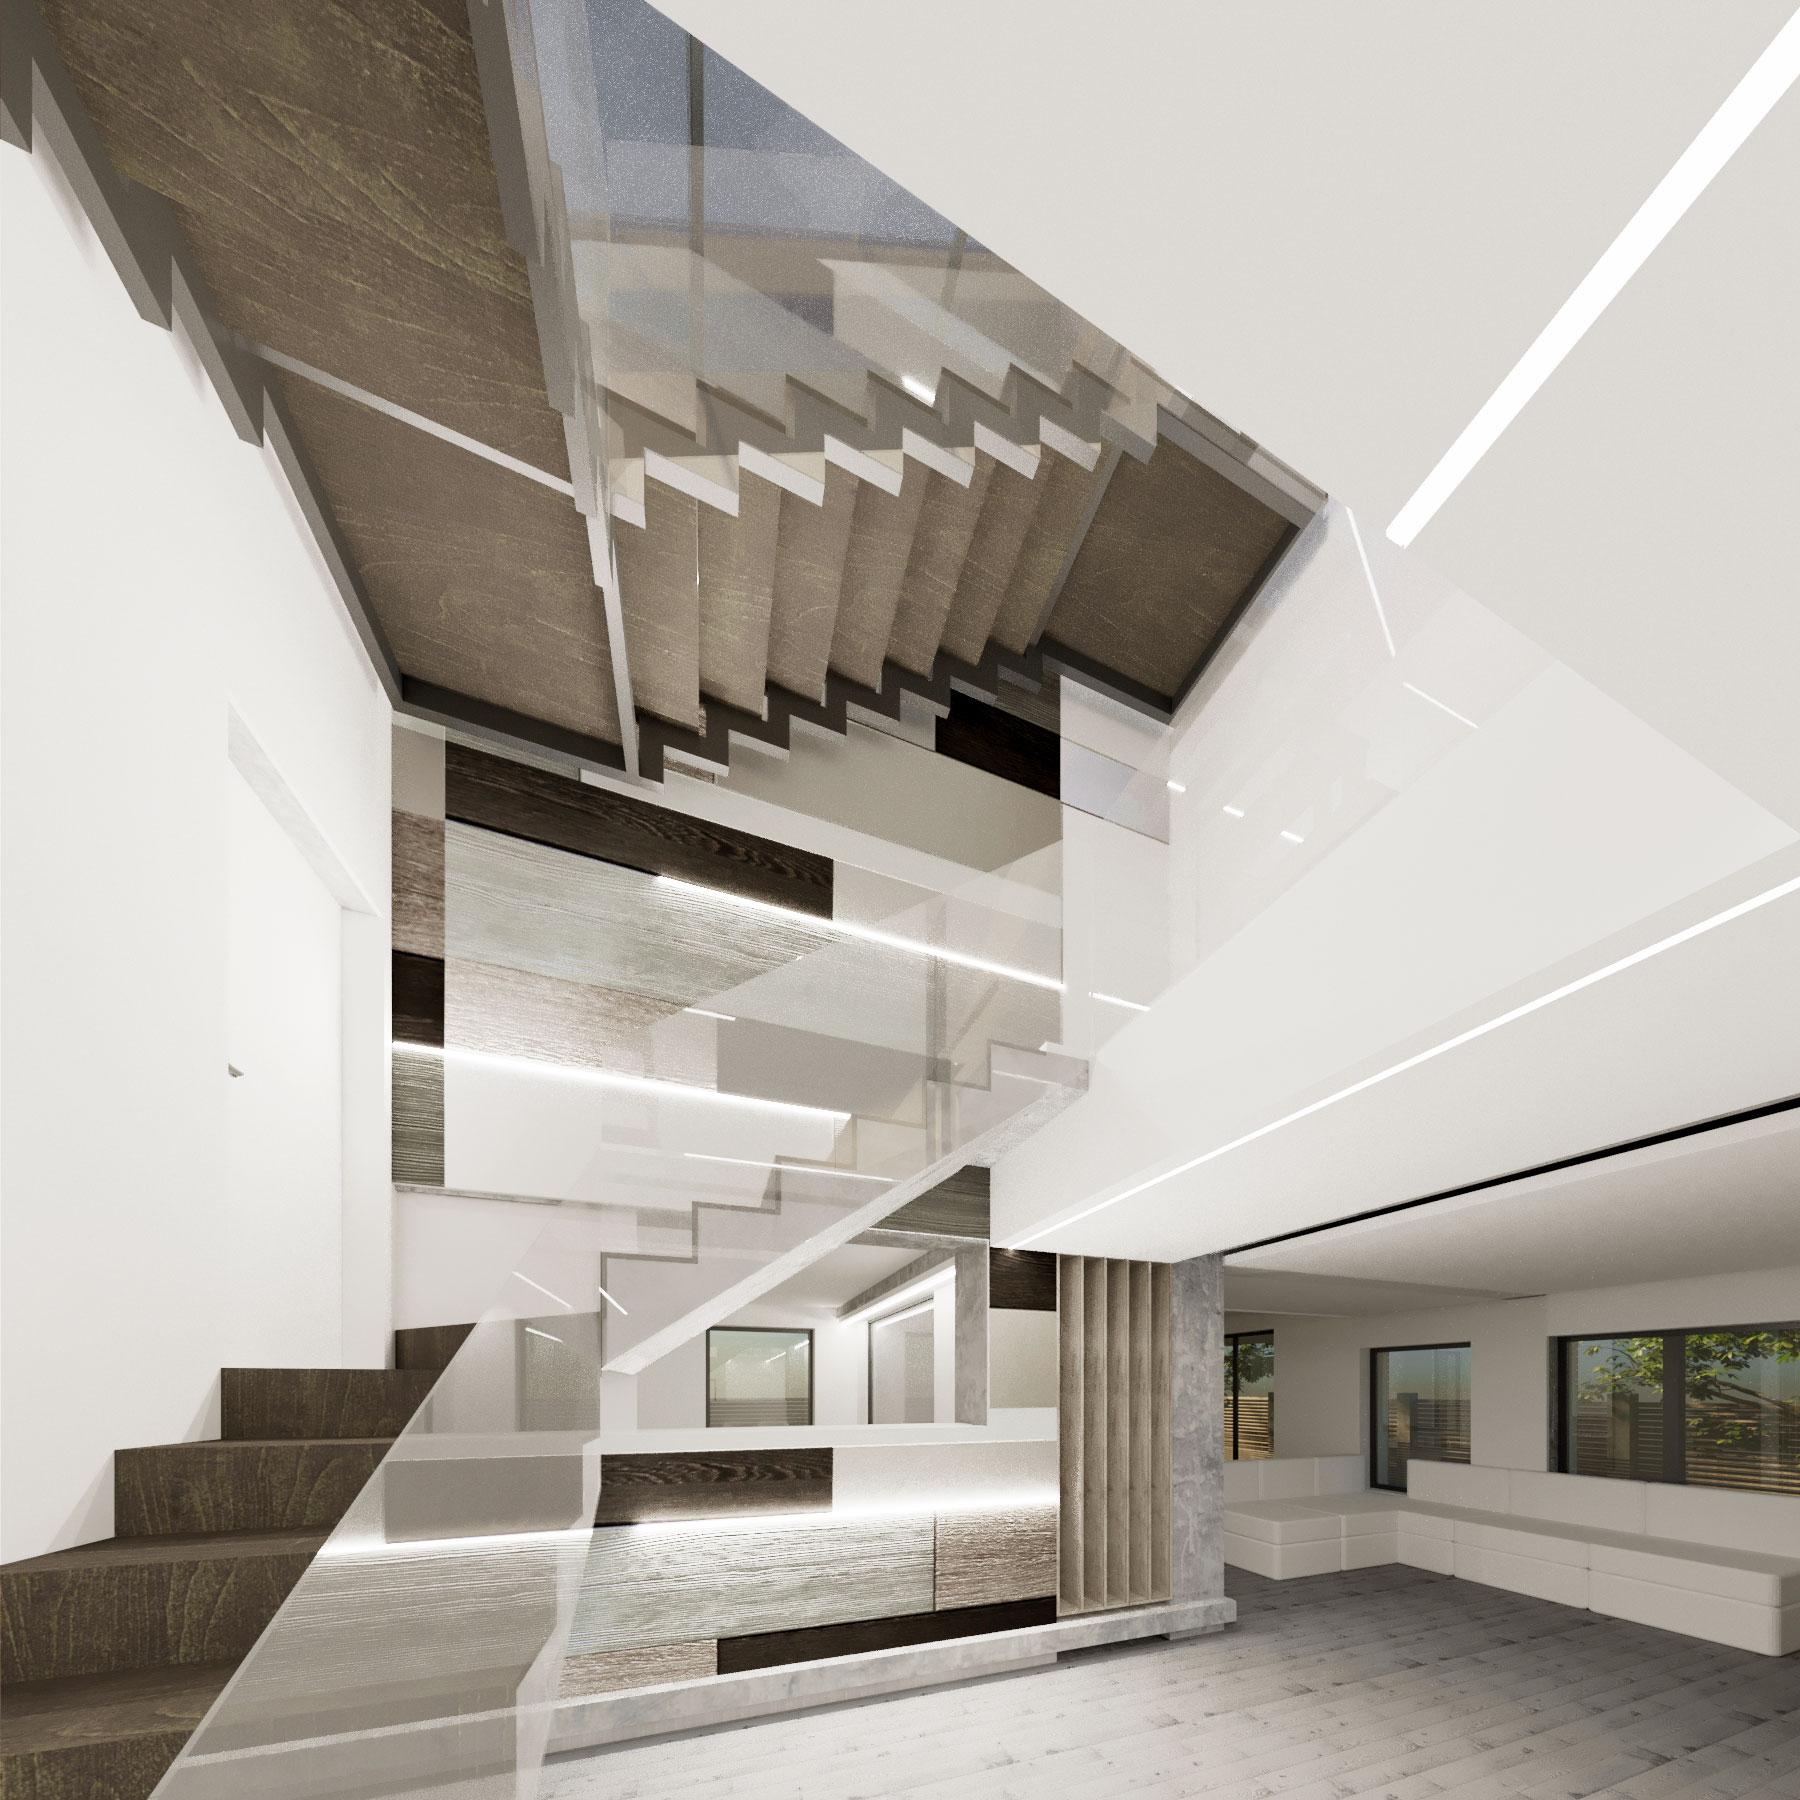 Modificare casa existenta sisesti reflex architecture for Modificare casa